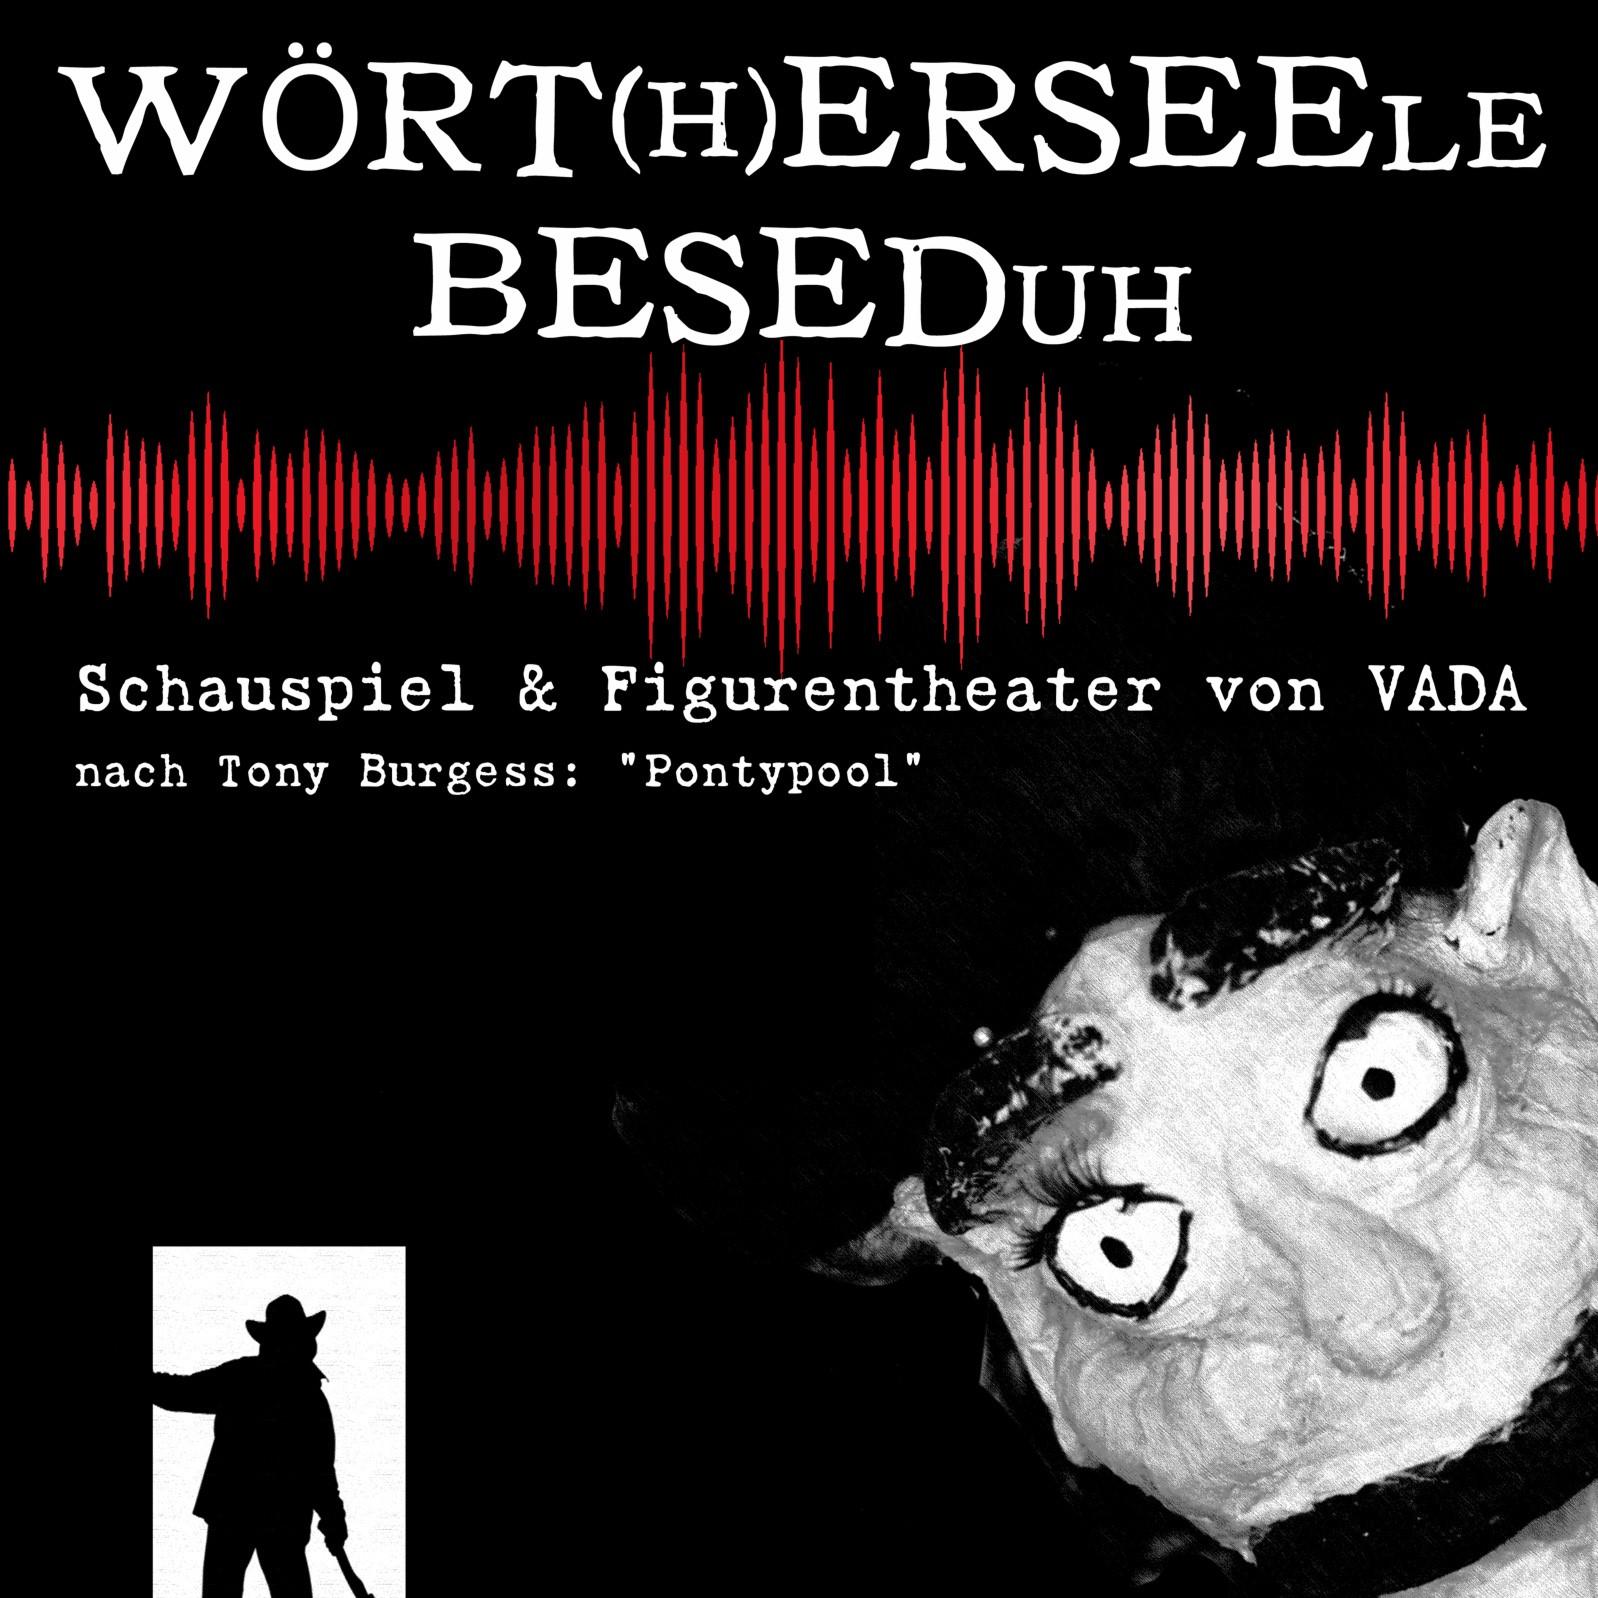 Schauspiel und Figurentheater: WÖRT(H)ERSEELE / BESEDUH nach Tony Burgess